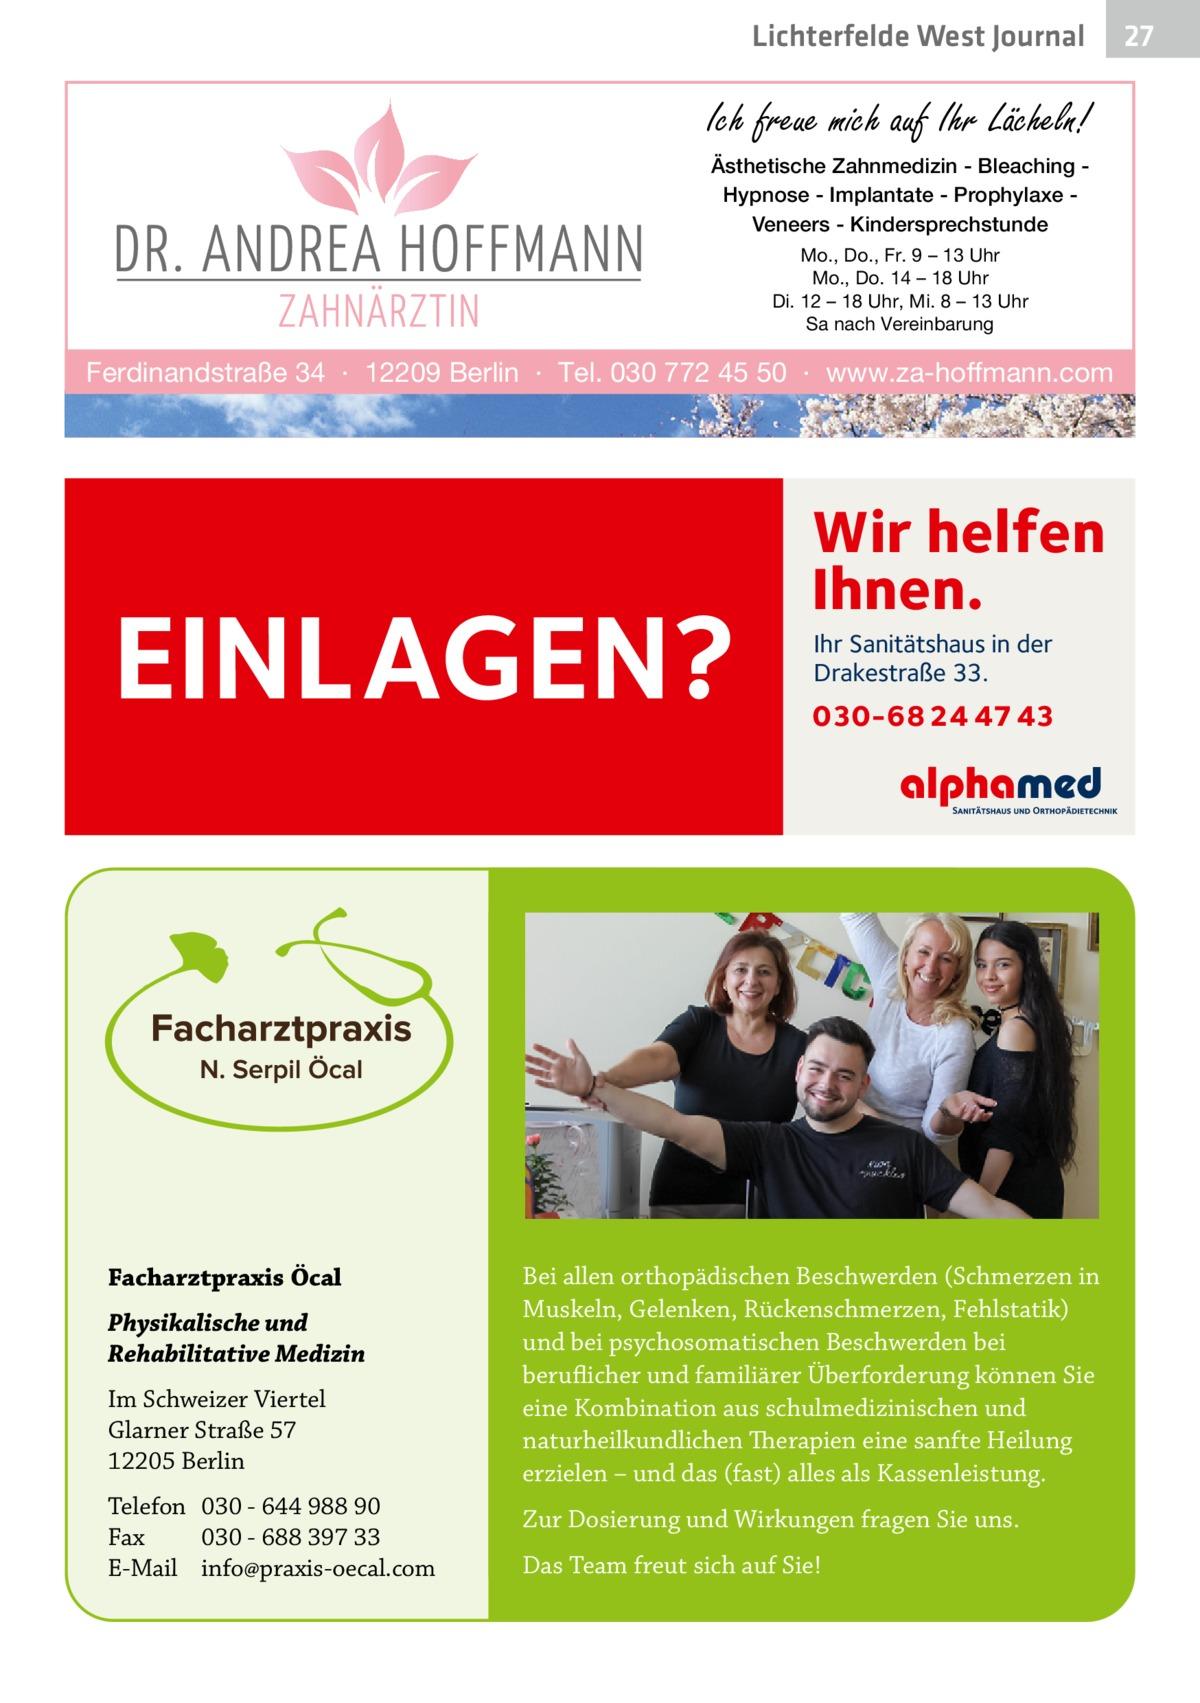 Lichterfelde West Journal  Ich freue mich auf Ihr Lächeln! Ästhetische Zahnmedizin - Bleaching Hypnose - Implantate - Prophylaxe Veneers - Kindersprechstunde Mo., Do., Fr. 9 – 13 Uhr Mo., Do. 14 – 18 Uhr Di. 12 – 18 Uhr, Mi. 8 – 13 Uhr Sa nach Vereinbarung  Ferdinandstraße 34 · 12209 Berlin · Tel. 030 772 45 50 · www.za-hoffmann.com  EINLAGEN?  Facharztpraxis Öcal Physikalische und Rehabilitative Medizin Im Schweizer Viertel Glarner Straße 57 12205 Berlin Telefon 030 - 644 988 90 Fax 030 - 688 397 33 E-Mail info@praxis-oecal.com  Wir helfen Ihnen. Ihr Sanitätshaus in der Drakestraße 33.  030-68 24 47 43  Bei allen orthopädischen Beschwerden (Schmerzen in Muskeln, Gelenken, Rückenschmerzen, Fehlstatik) und bei psychosomatischen Beschwerden bei beruflicher und familiärer Überforderung können Sie eine Kombination aus schulmedizinischen und naturheilkundlichen Therapien eine sanfte Heilung erzielen – und das (fast) alles als Kassenleistung. Zur Dosierung und Wirkungen fragen Sie uns. Das Team freut sich auf Sie!  27 27